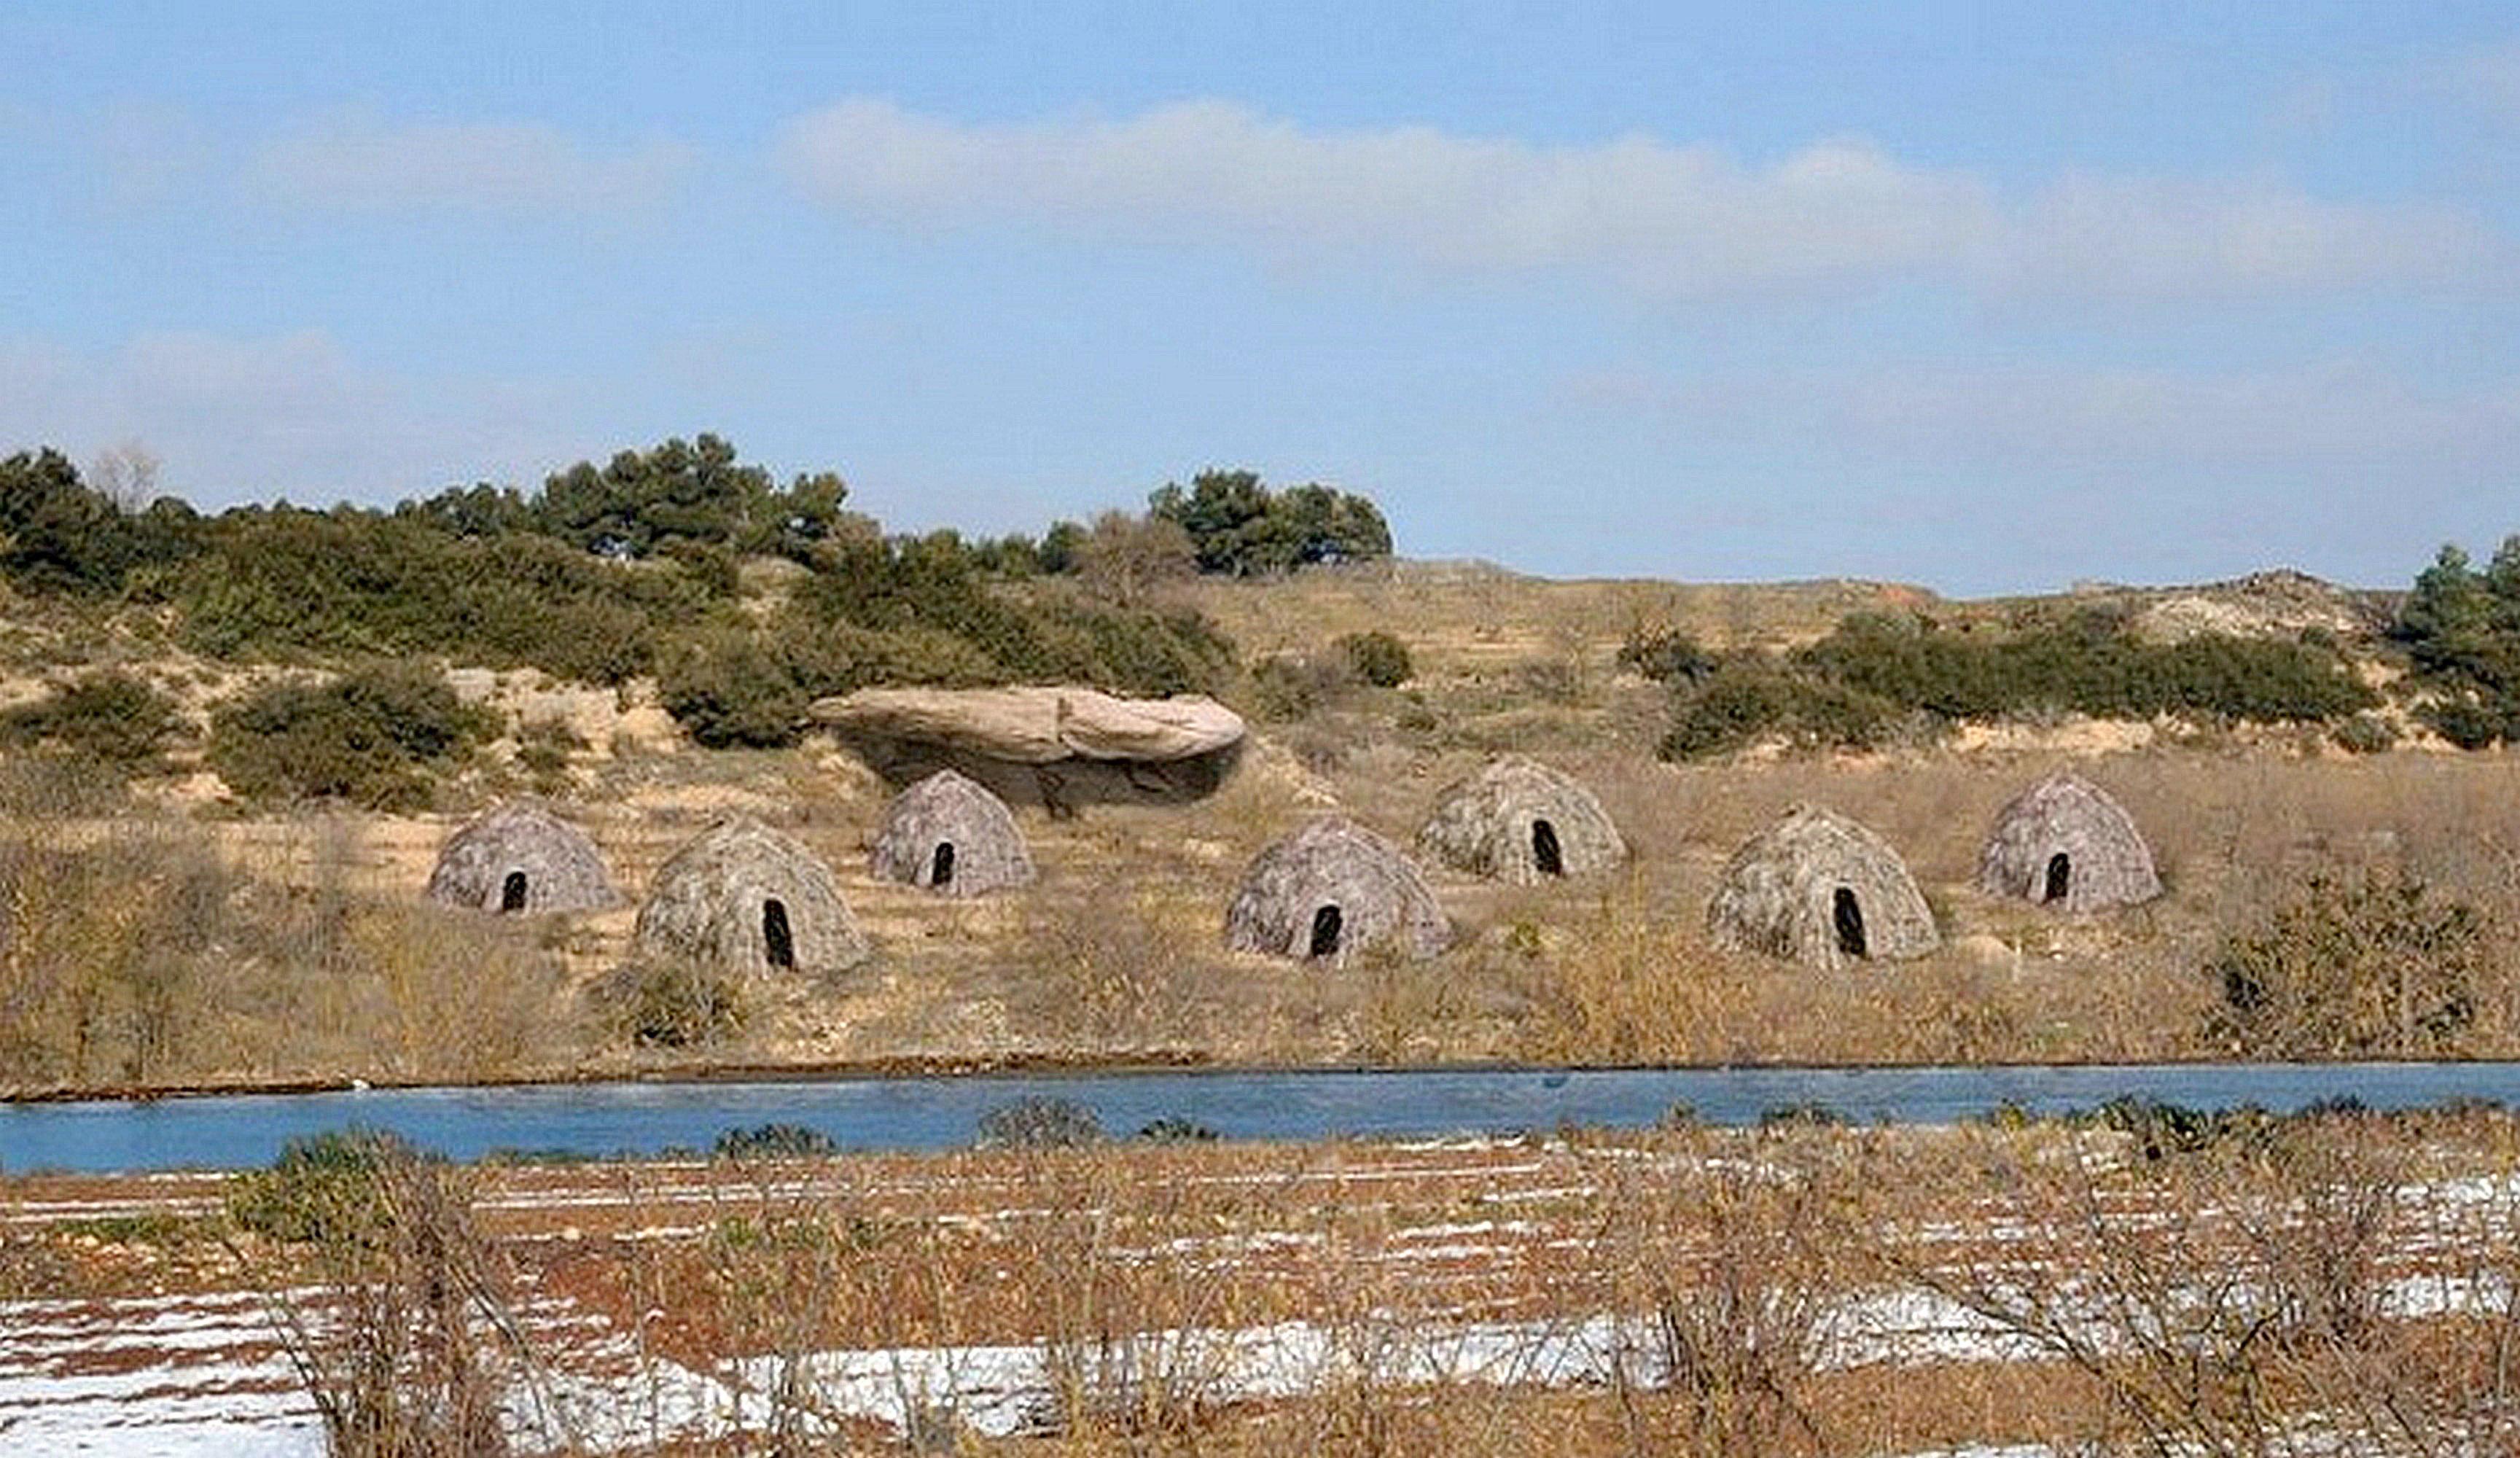 Камень с процарапанным на нём 13 тысяч лет назад рисунком предположительно семи хижин (сверху; показана одна из хижин) и выполненная по нему реконструкция. Первое в истории изображение жилища. Археологический комплекс Моли дель Сальт, восточная Испания (hominides.com).